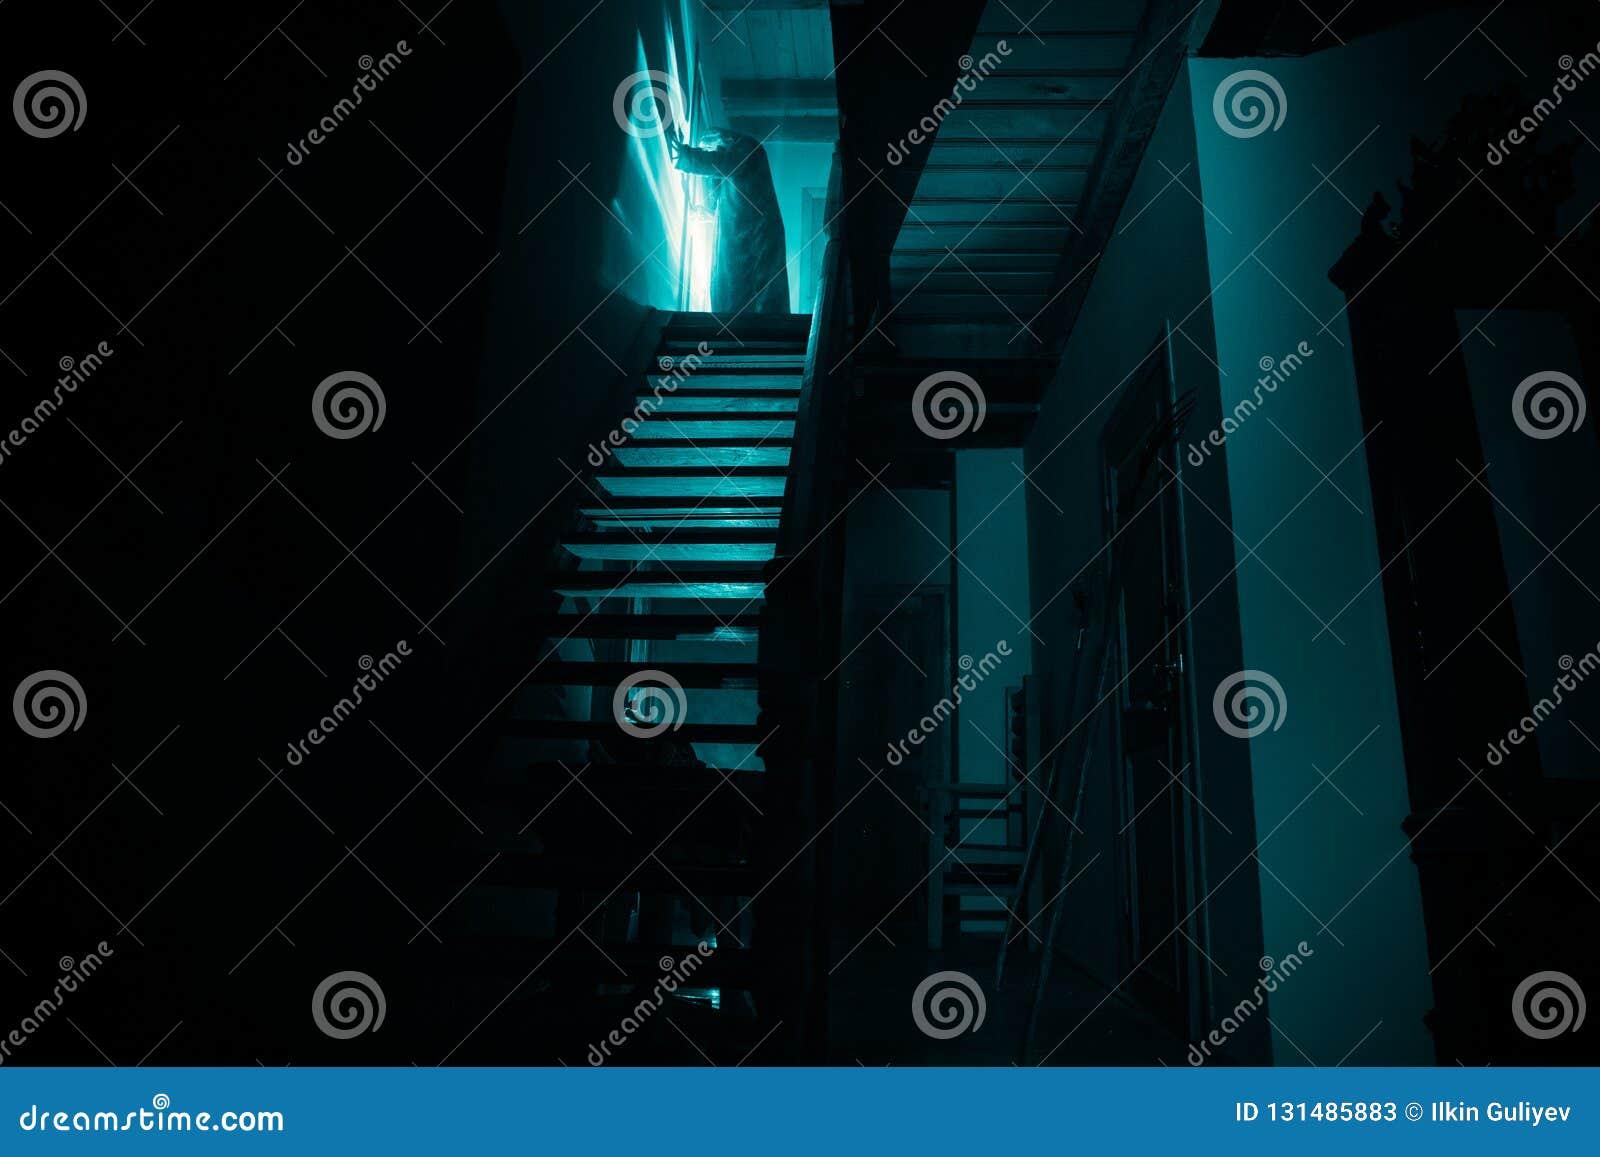 Wśrodku starego przerażającego zaniechanego dworu Sylwetka horroru ducha pozycja na grodowych schodkach piwnica Straszny dungeon